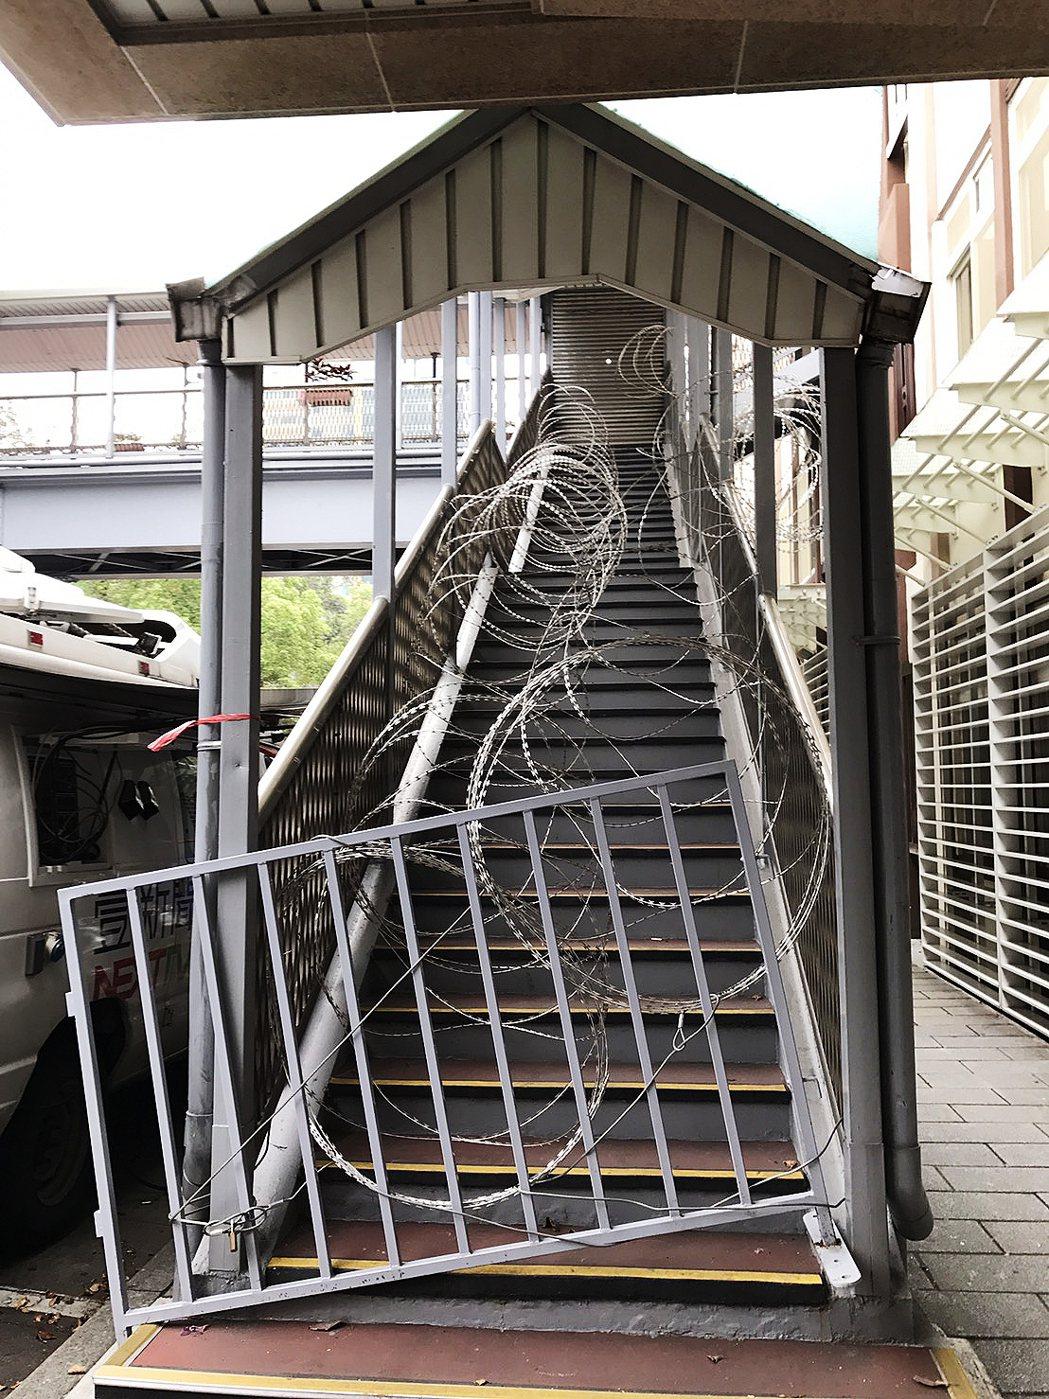 連接立法院和立委辦公室青島一館的天橋也出現了上布滿刀片蛇籠,讓路過民眾都嘆為觀止...